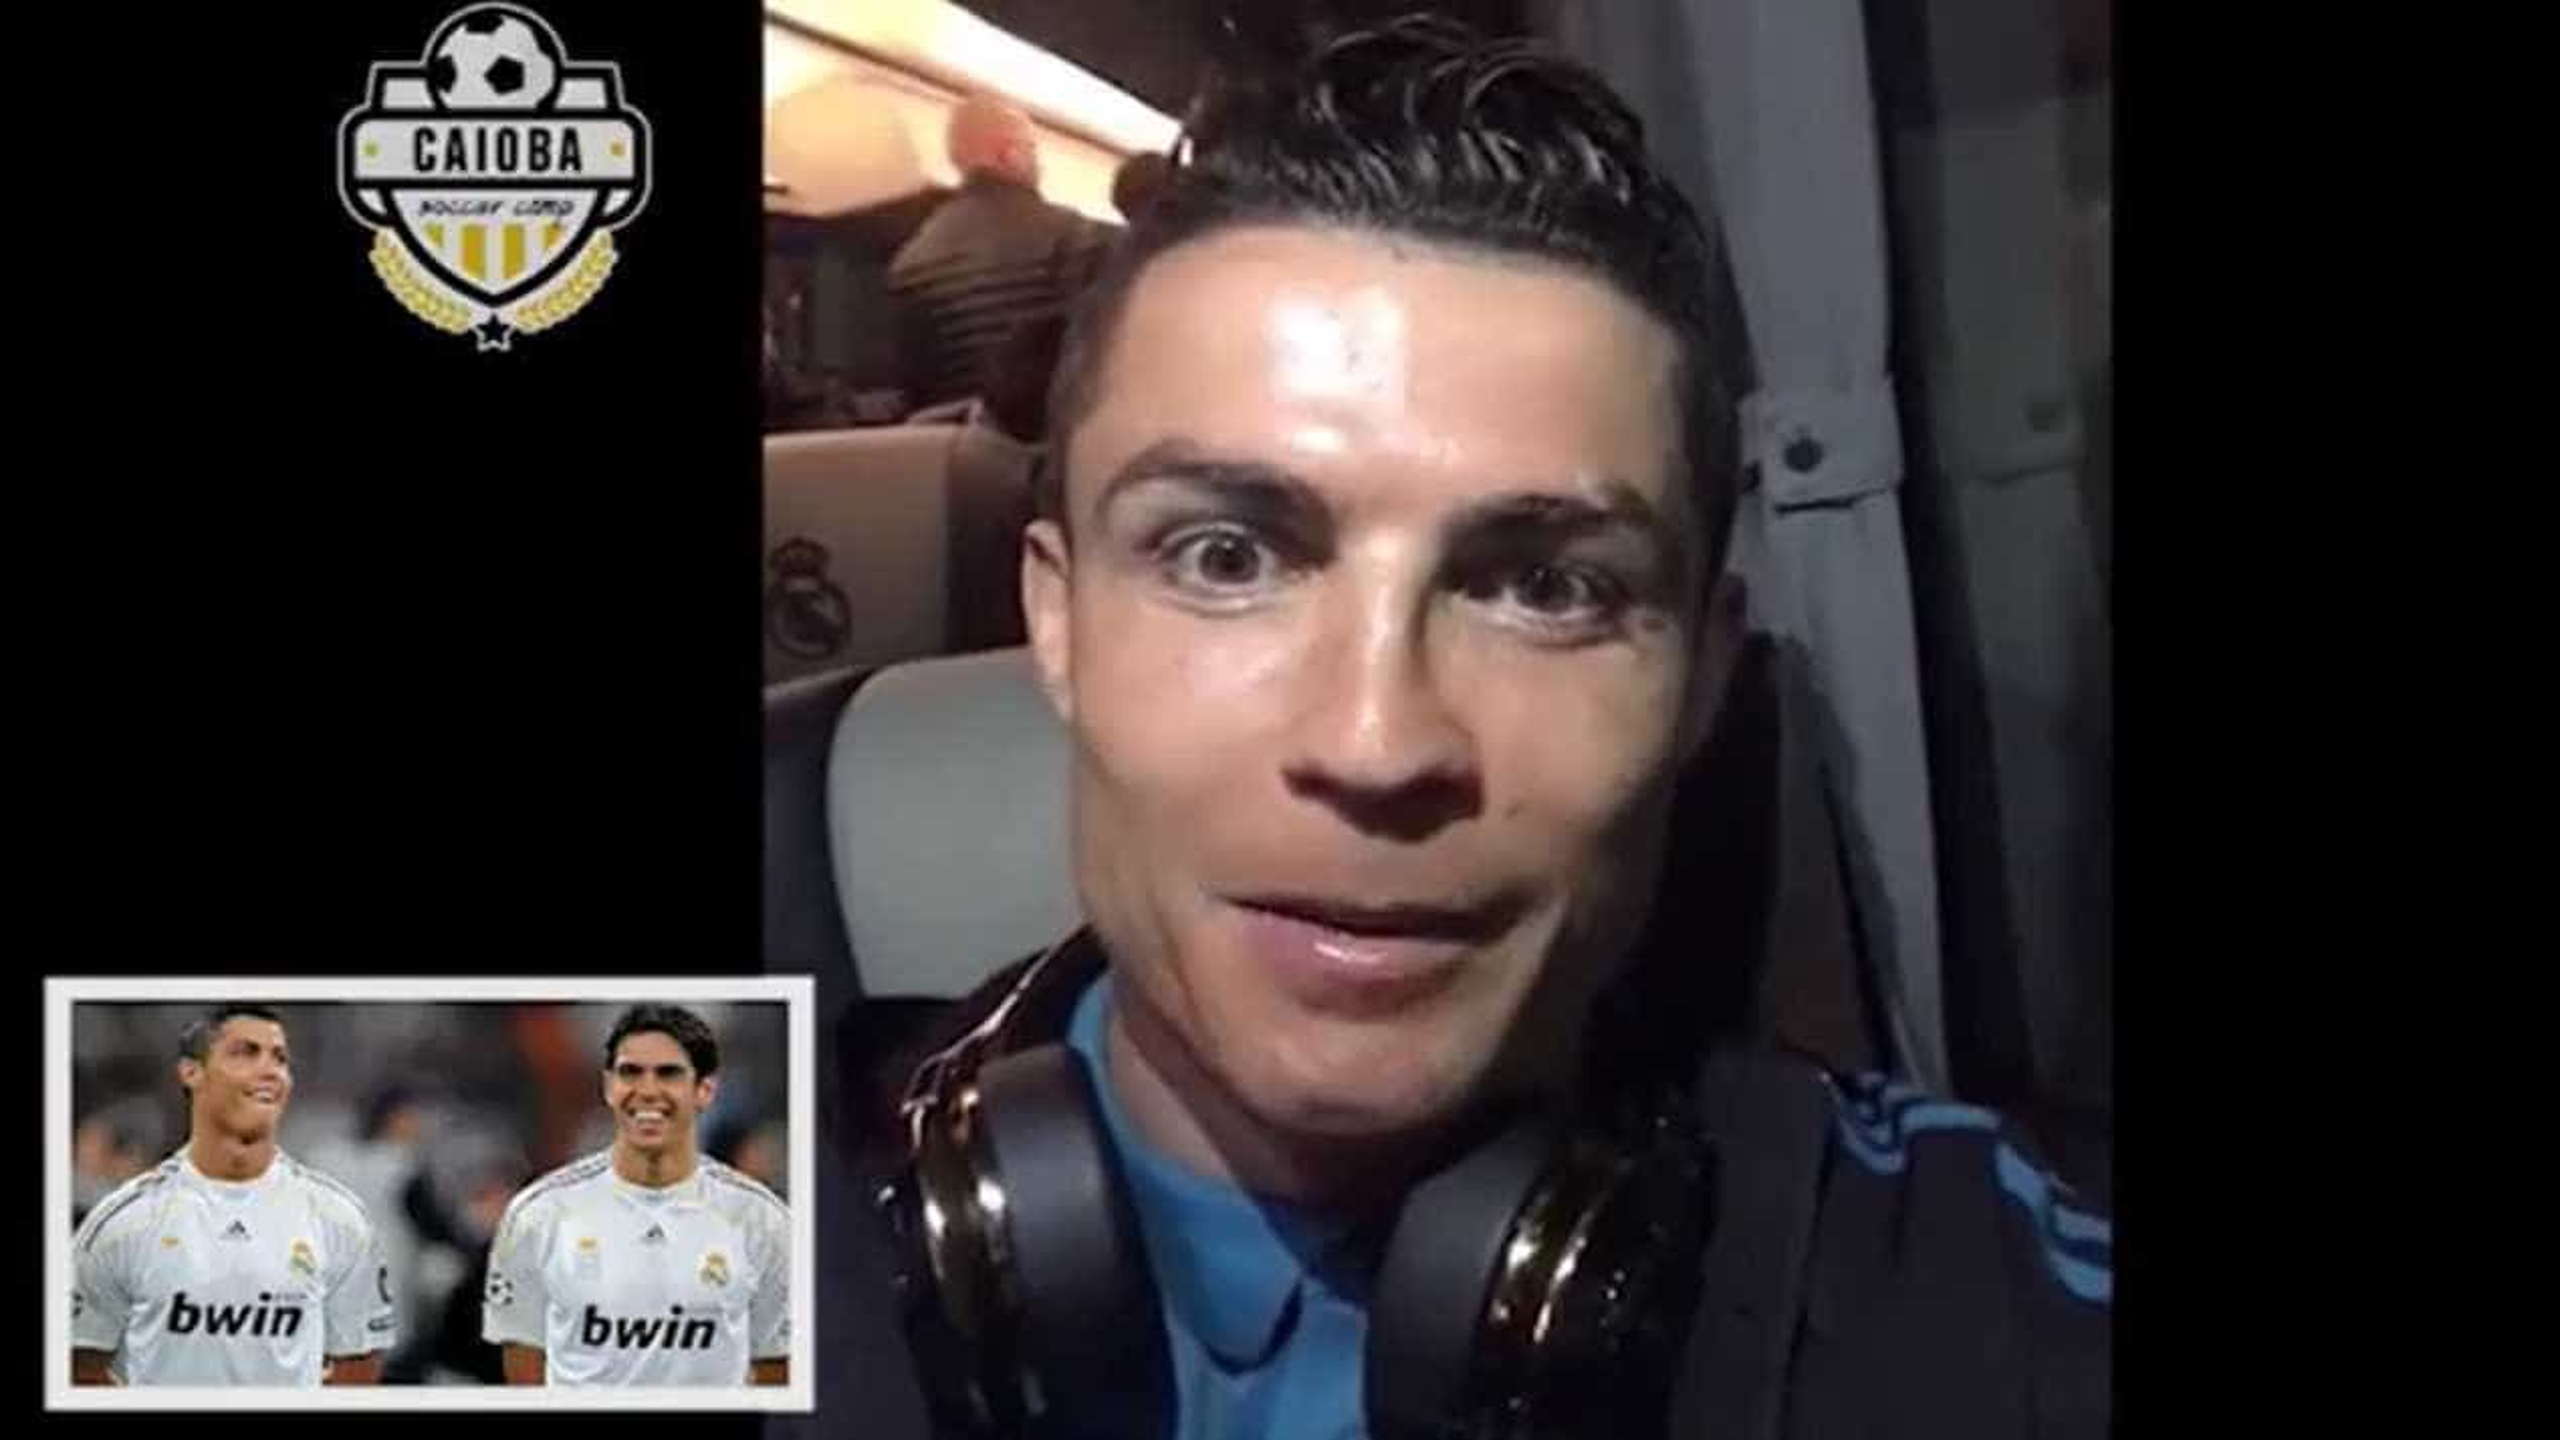 Caio Ribeiro reúne Neymar e CR7 em vídeo para homenagear Kaká